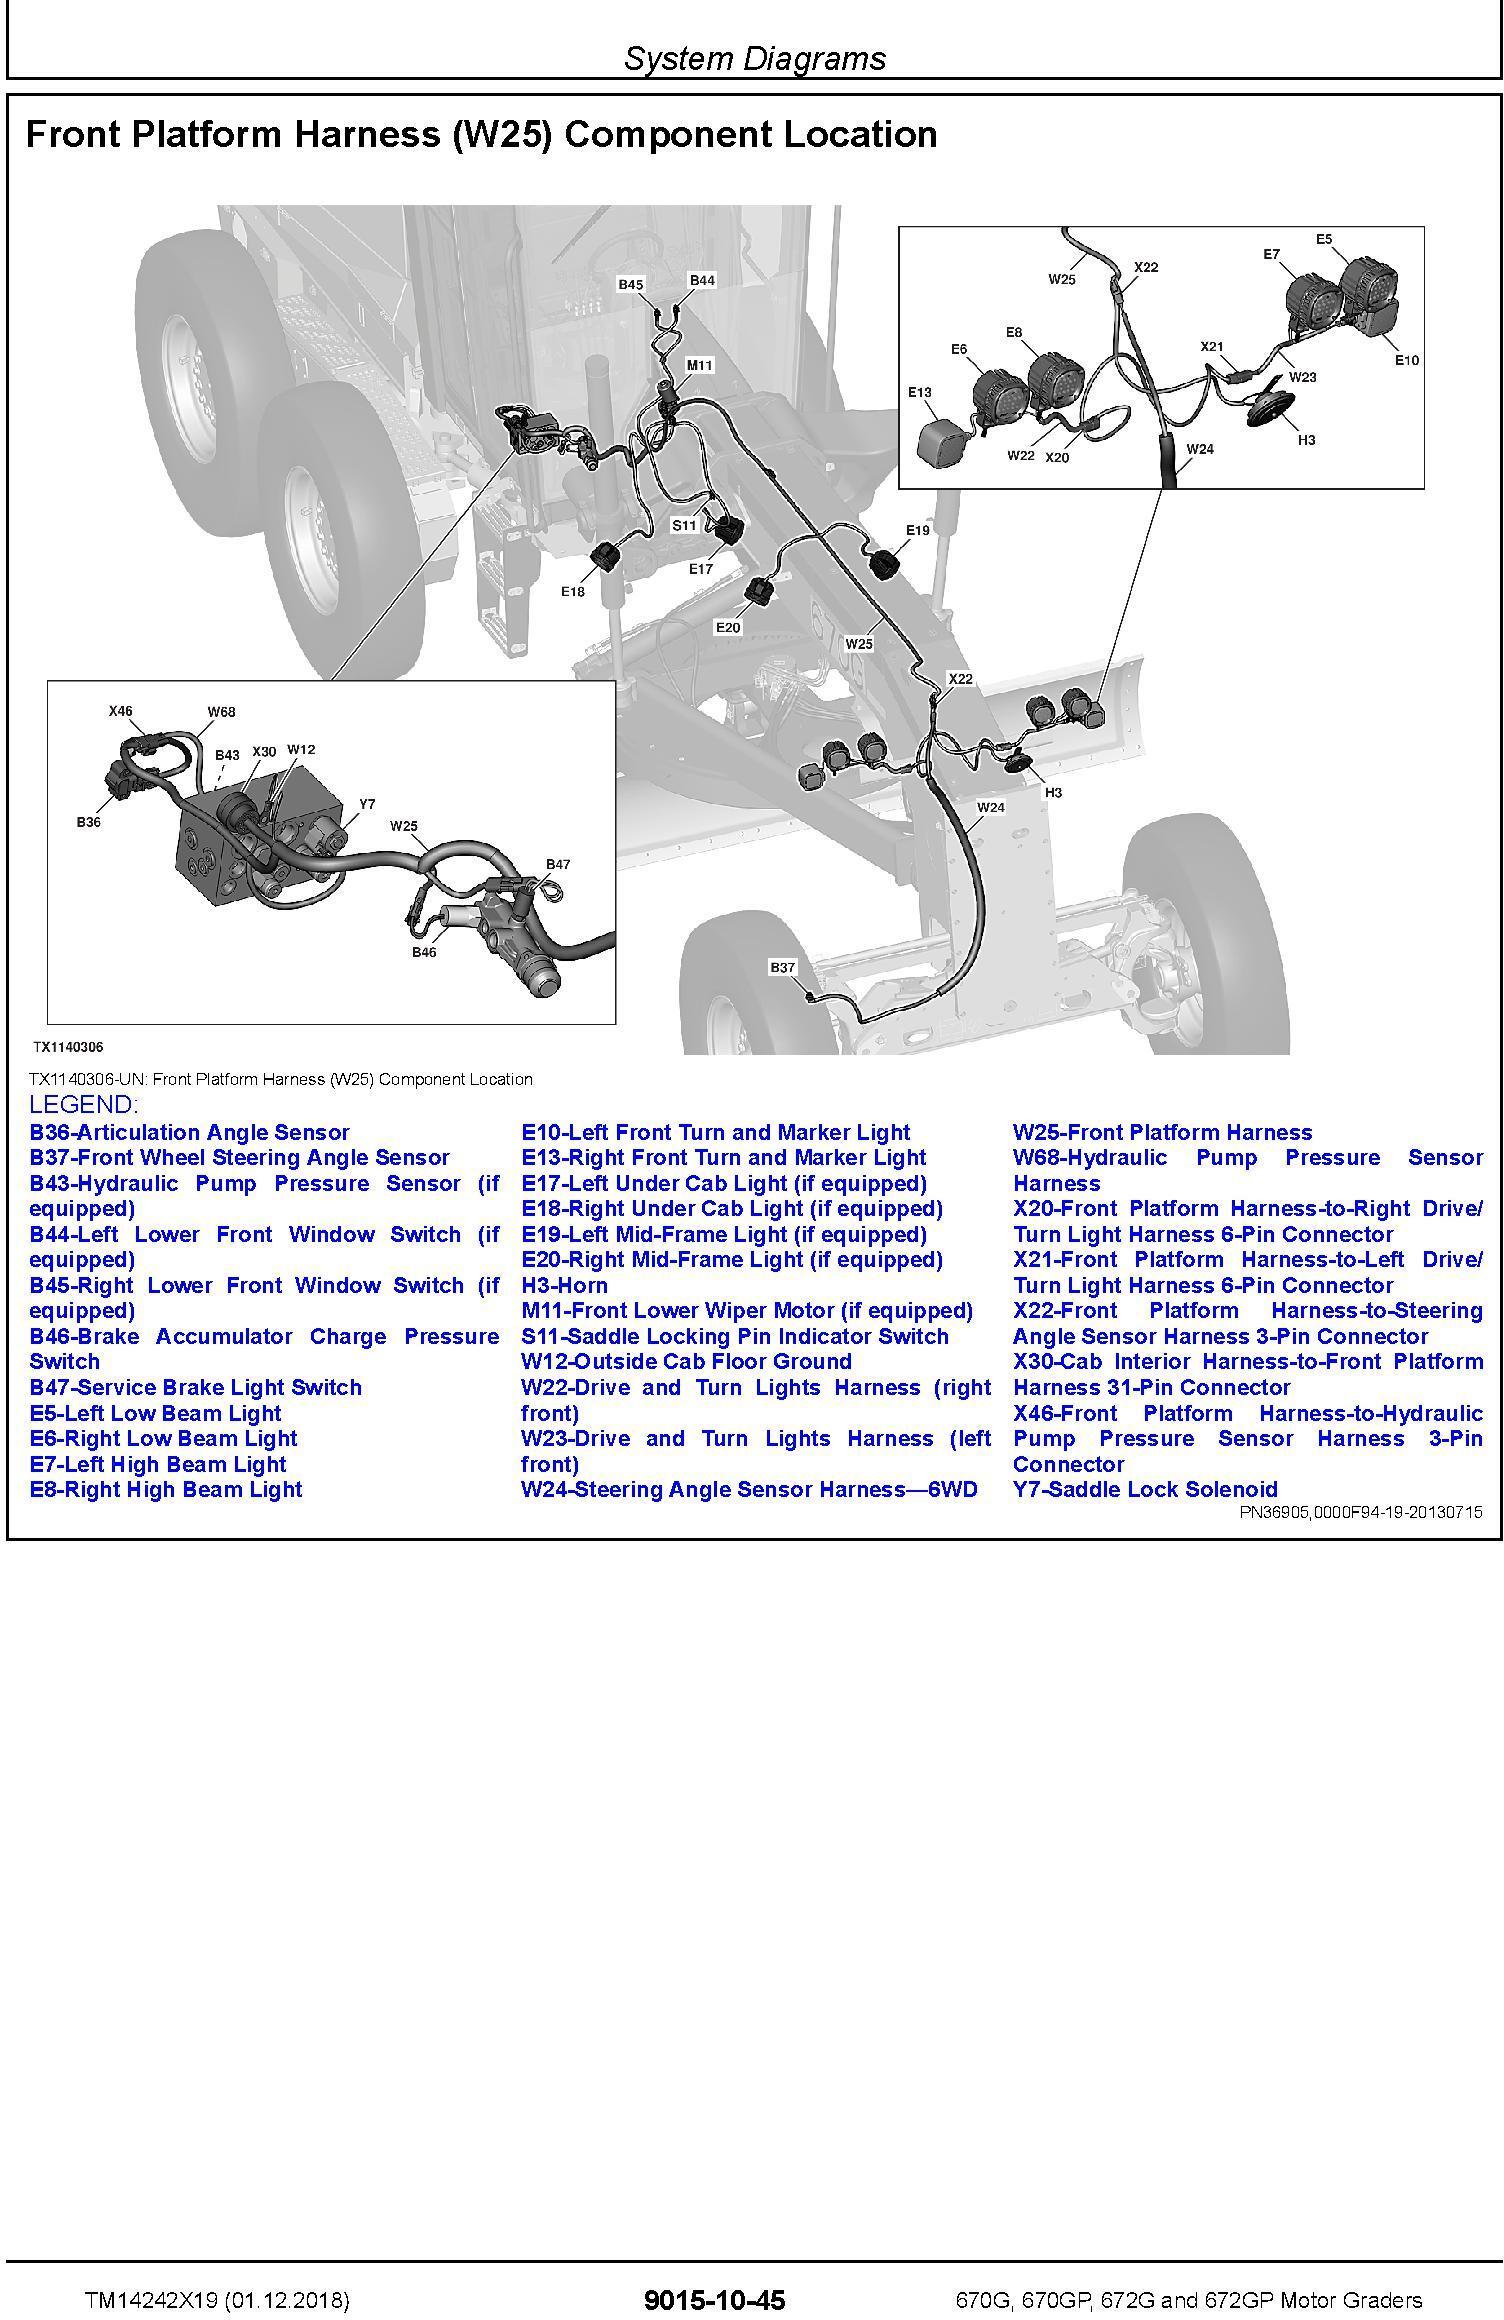 John Deere 670G,670GP, 672G,672GP (SN.F680878-,L700954) Motor Graders Diagnostic Manual (TM14242X19) - 1